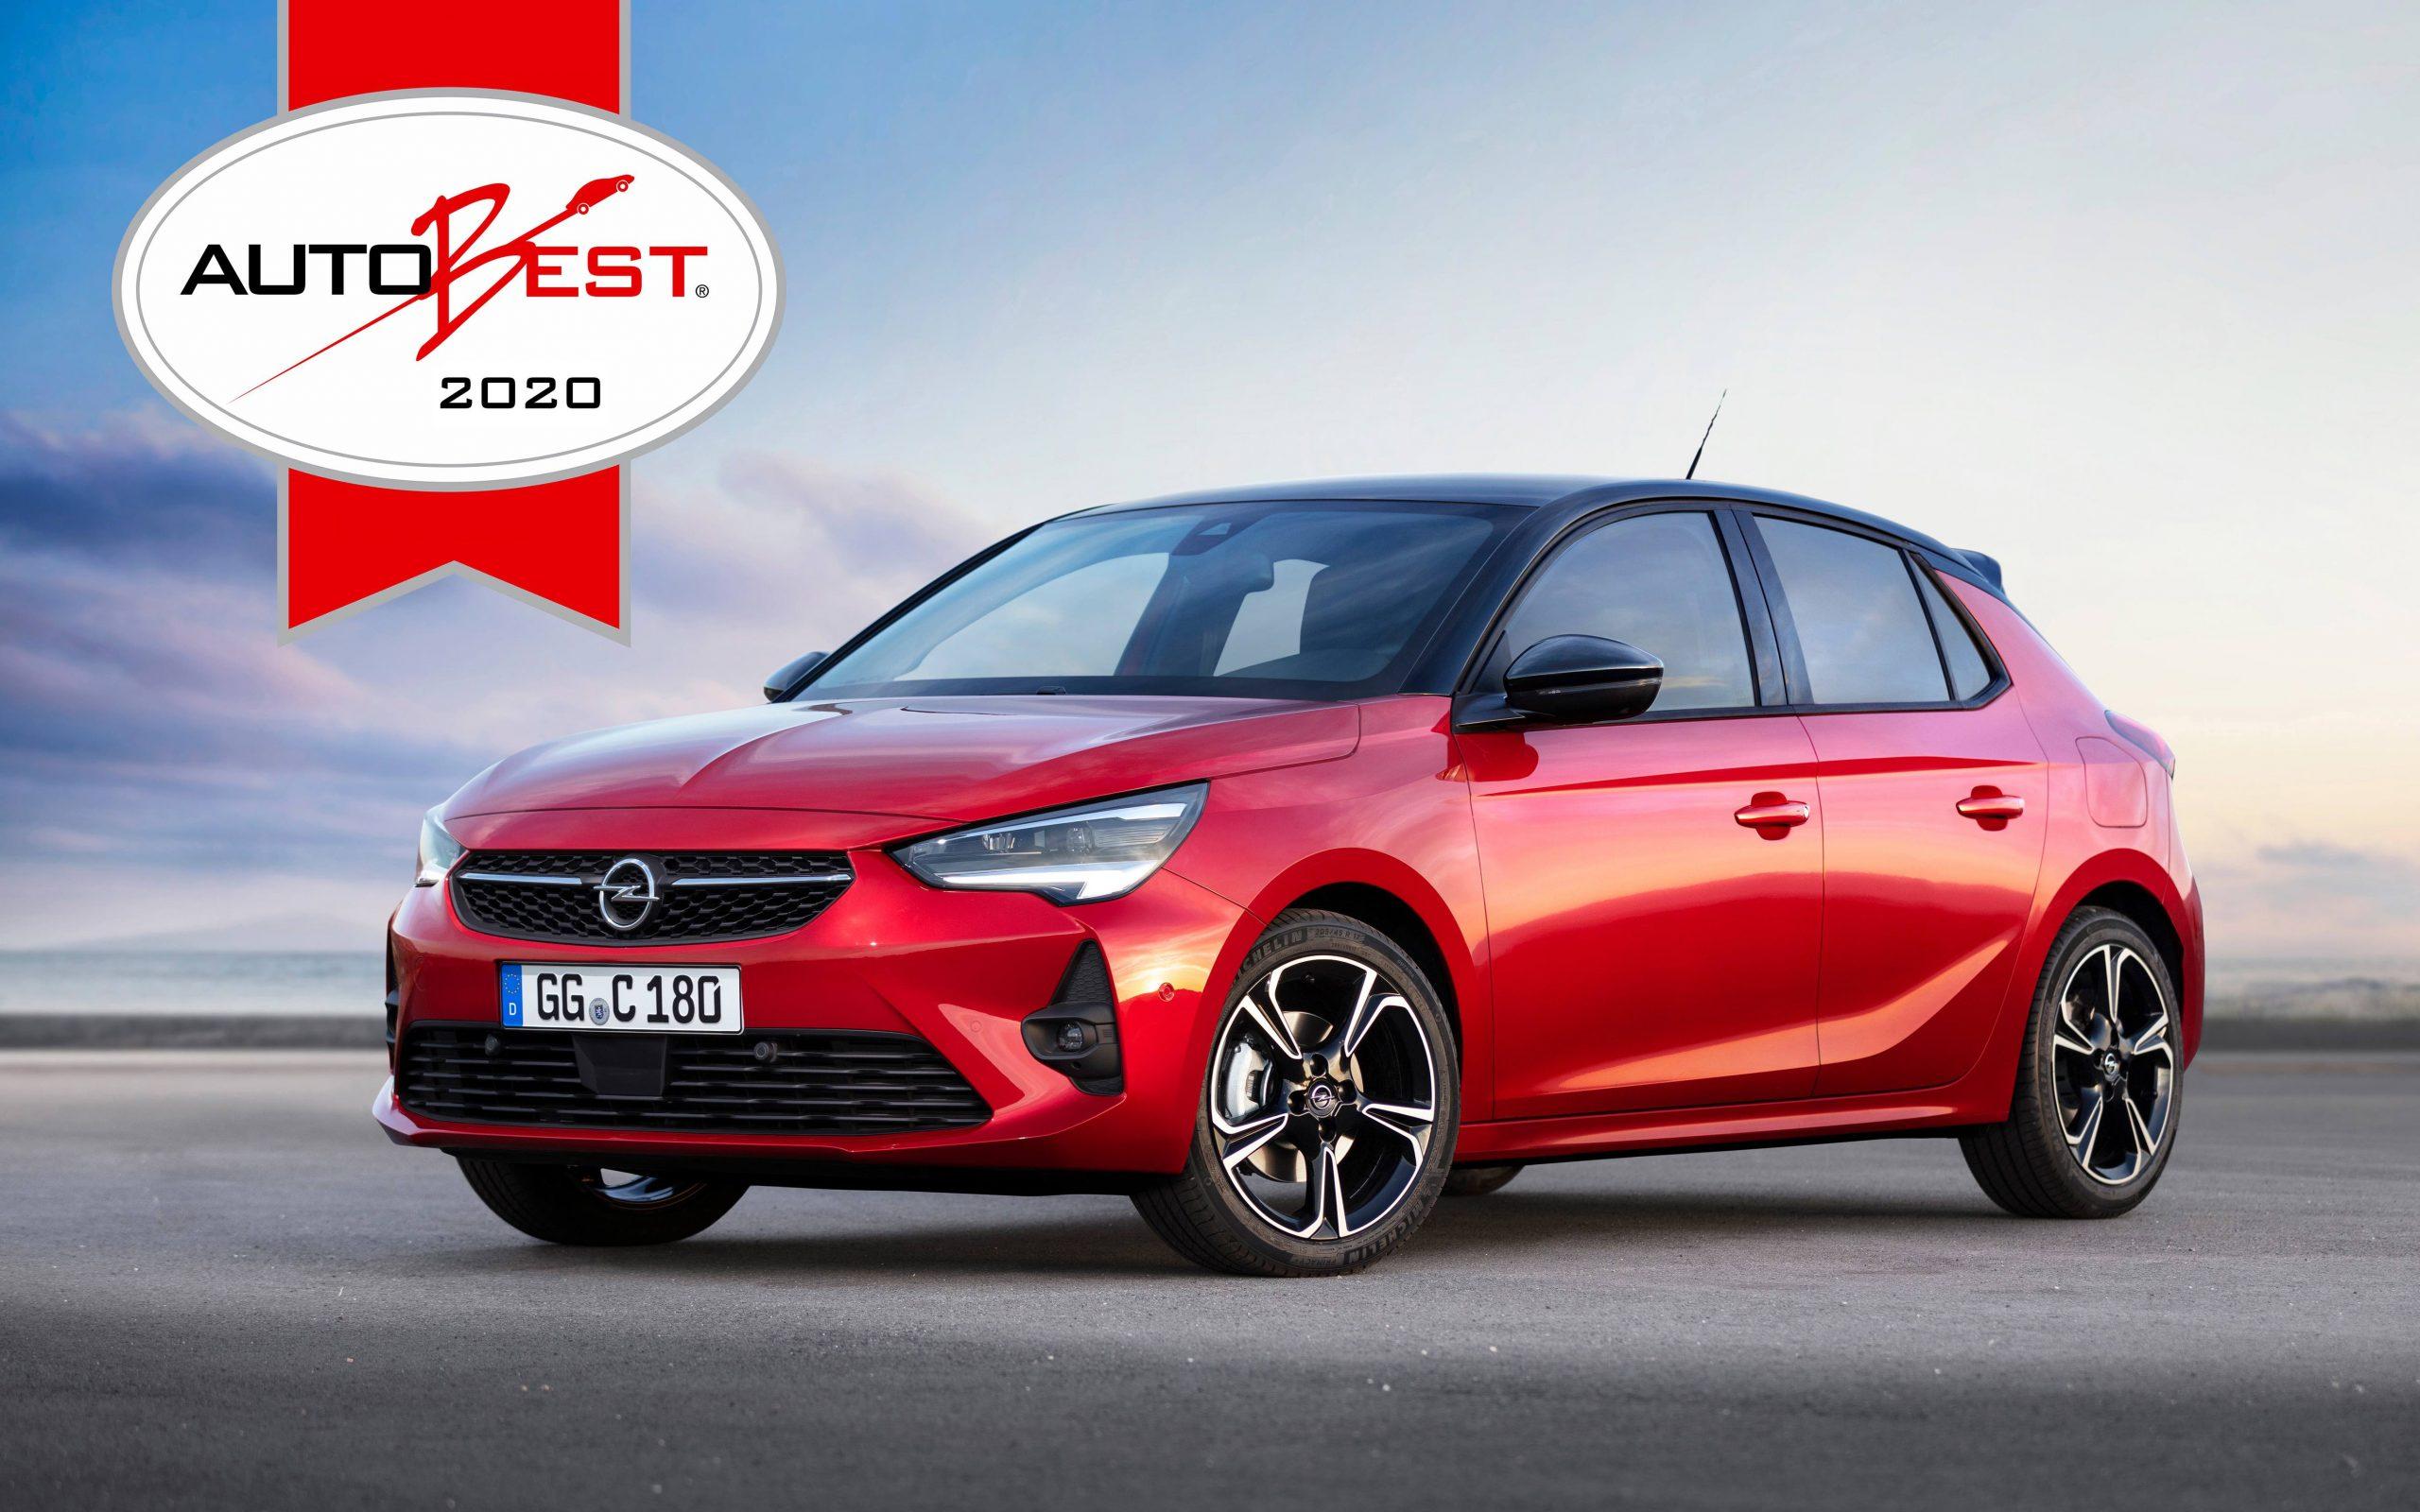 Automobielmanagement.nl > Opel Corsa uitgeroepen tot Beste Koop 2020